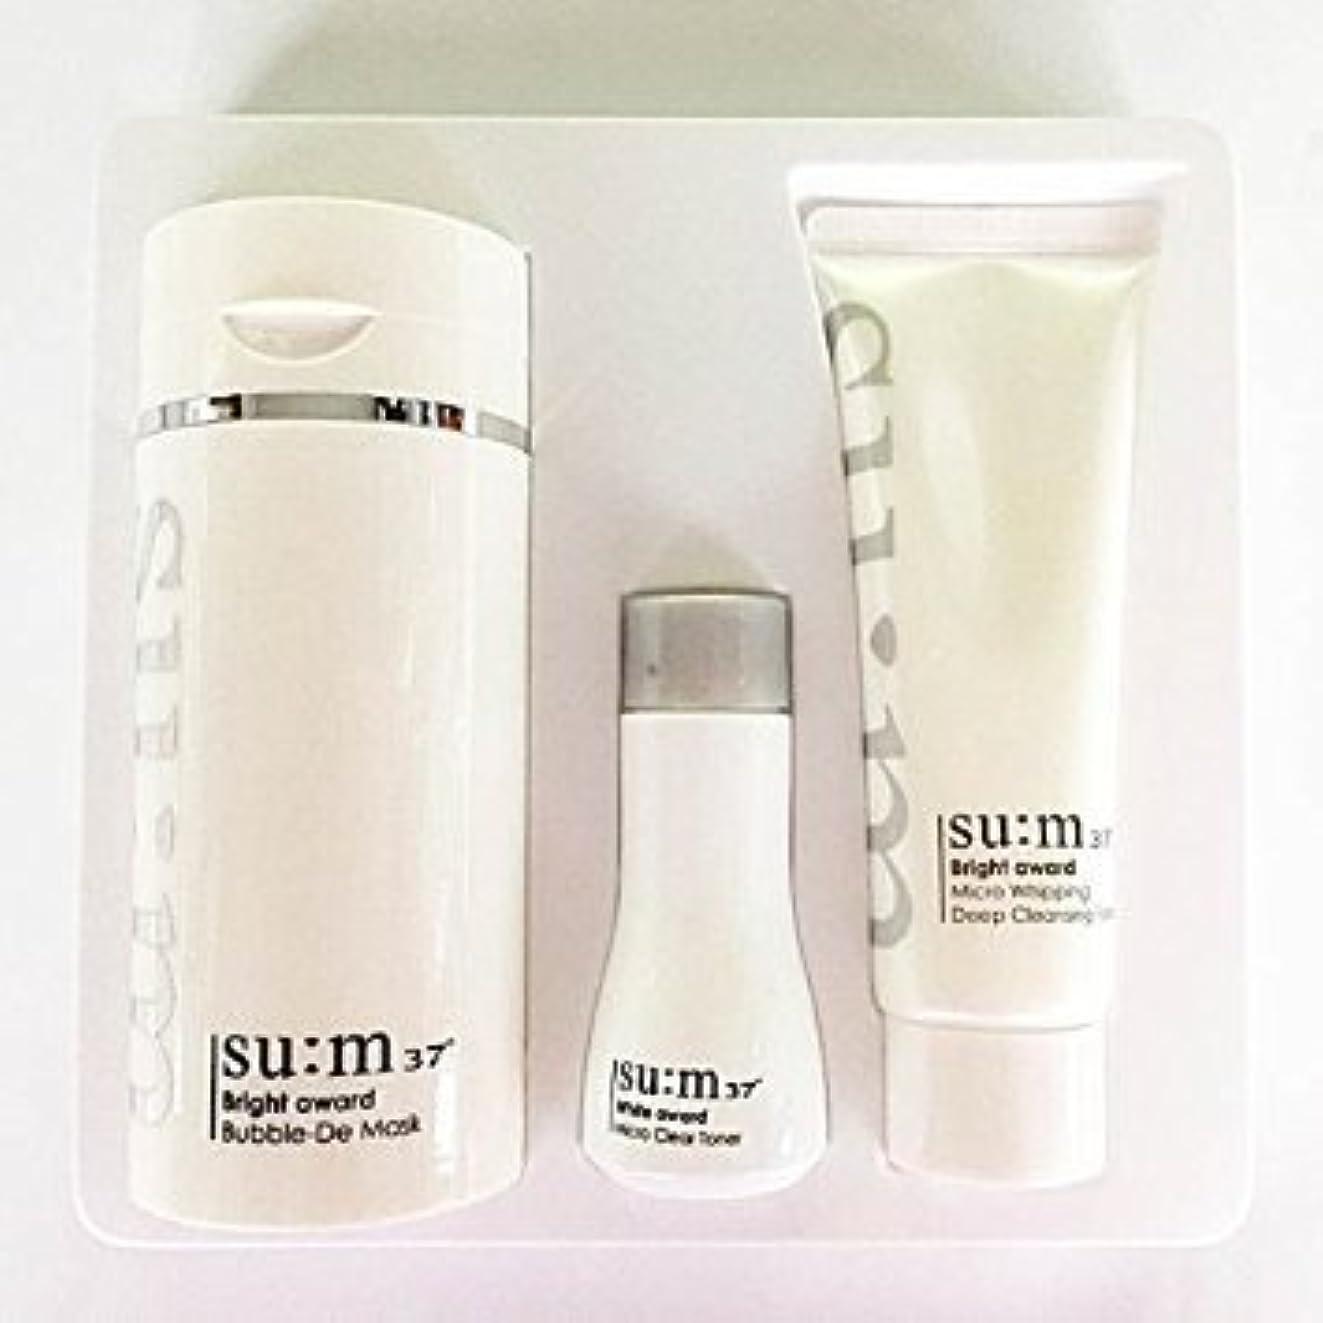 小屋区別称賛Su:m37°(スム37) Su:m 37 White Bright Award Bubble-De Mask Special Set 企画セット [並行輸入品]